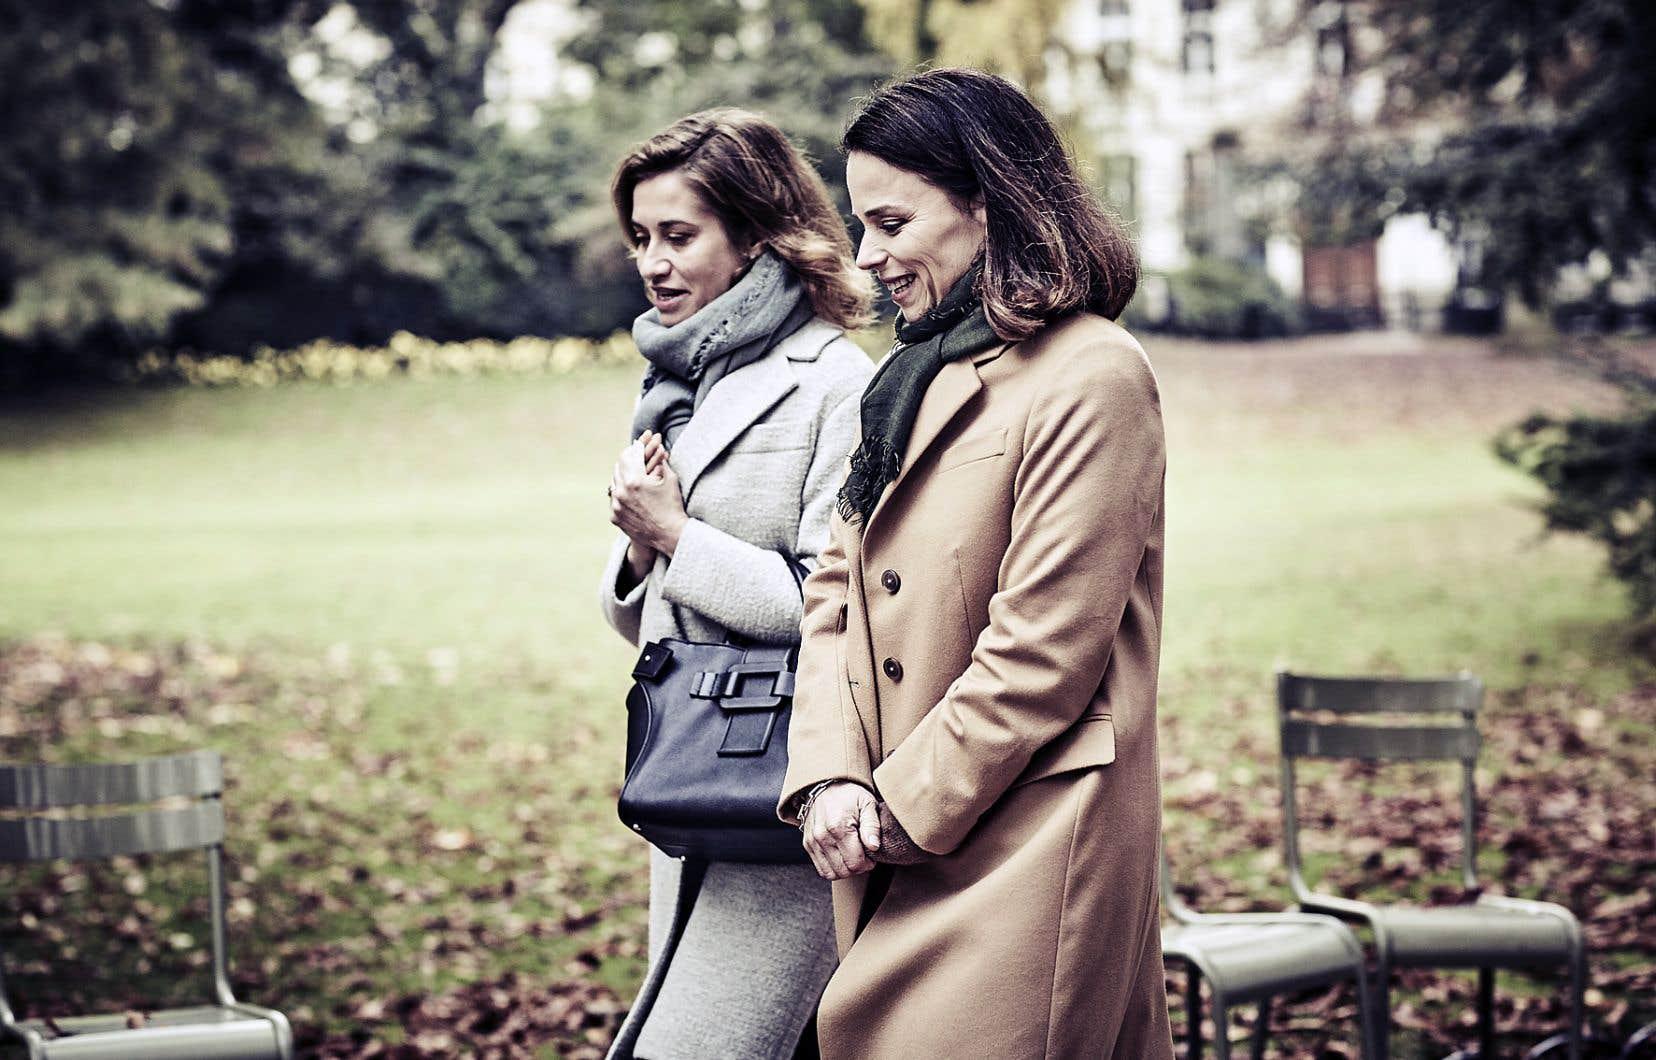 Instructif sans être didactique, «Numéro une», avec les actrices Emmanuelle Devos et Suzanne Clément, se révèle assez passionnant.